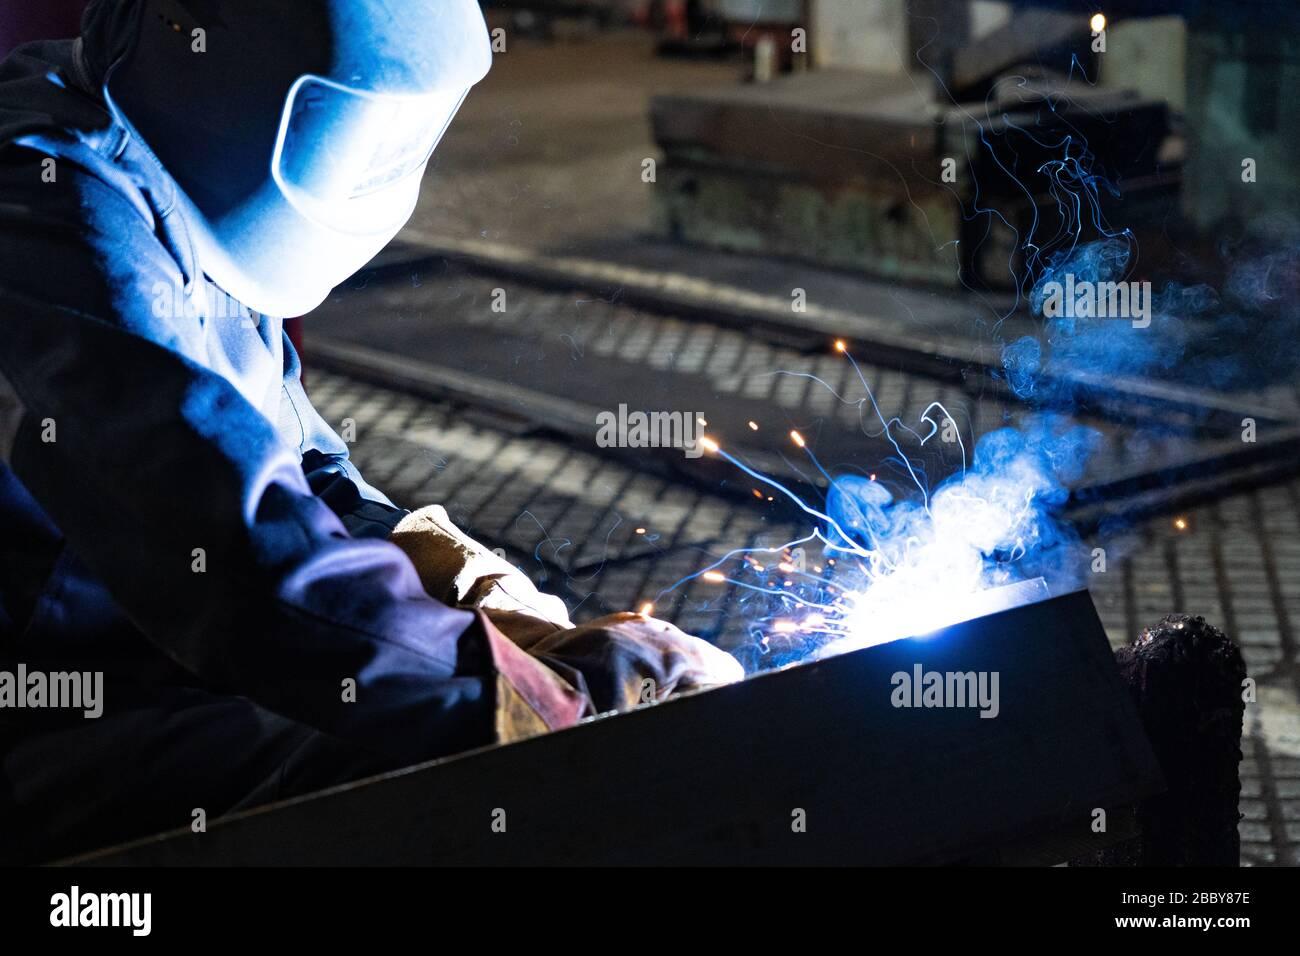 Le travail du soudeur. Travaux de soudage dans le plancher d'usine Banque D'Images